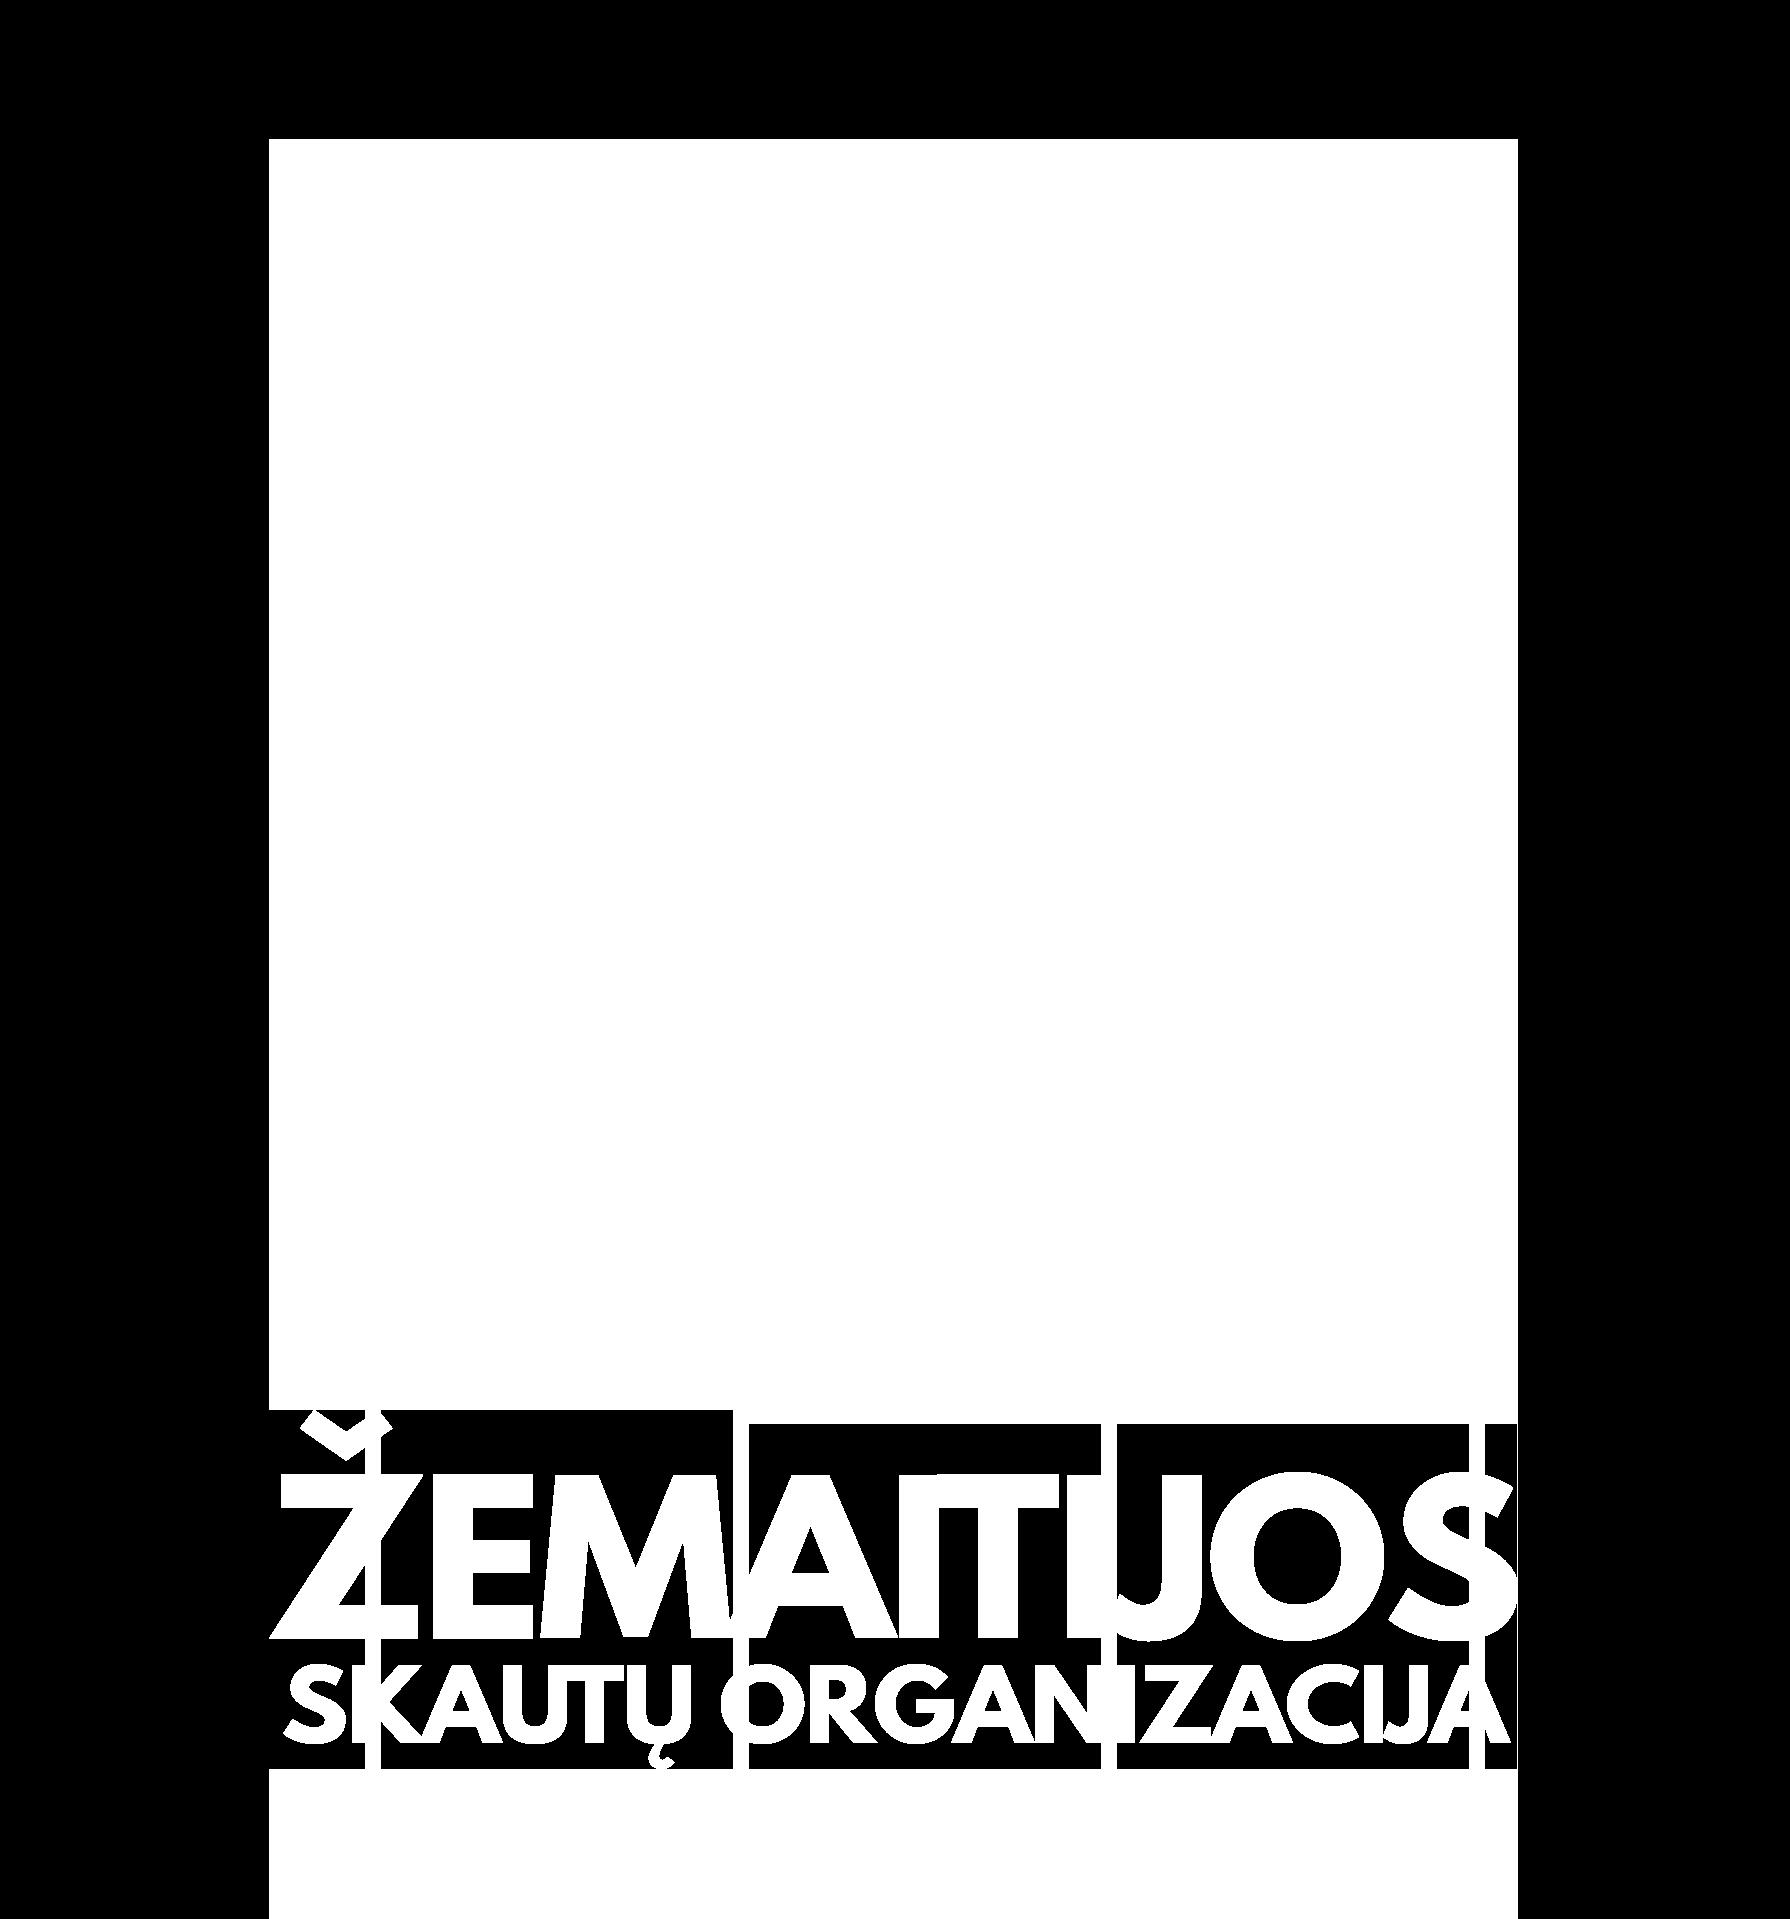 logotipas_skautai_skautybe_skautas_zemaitijos skautai